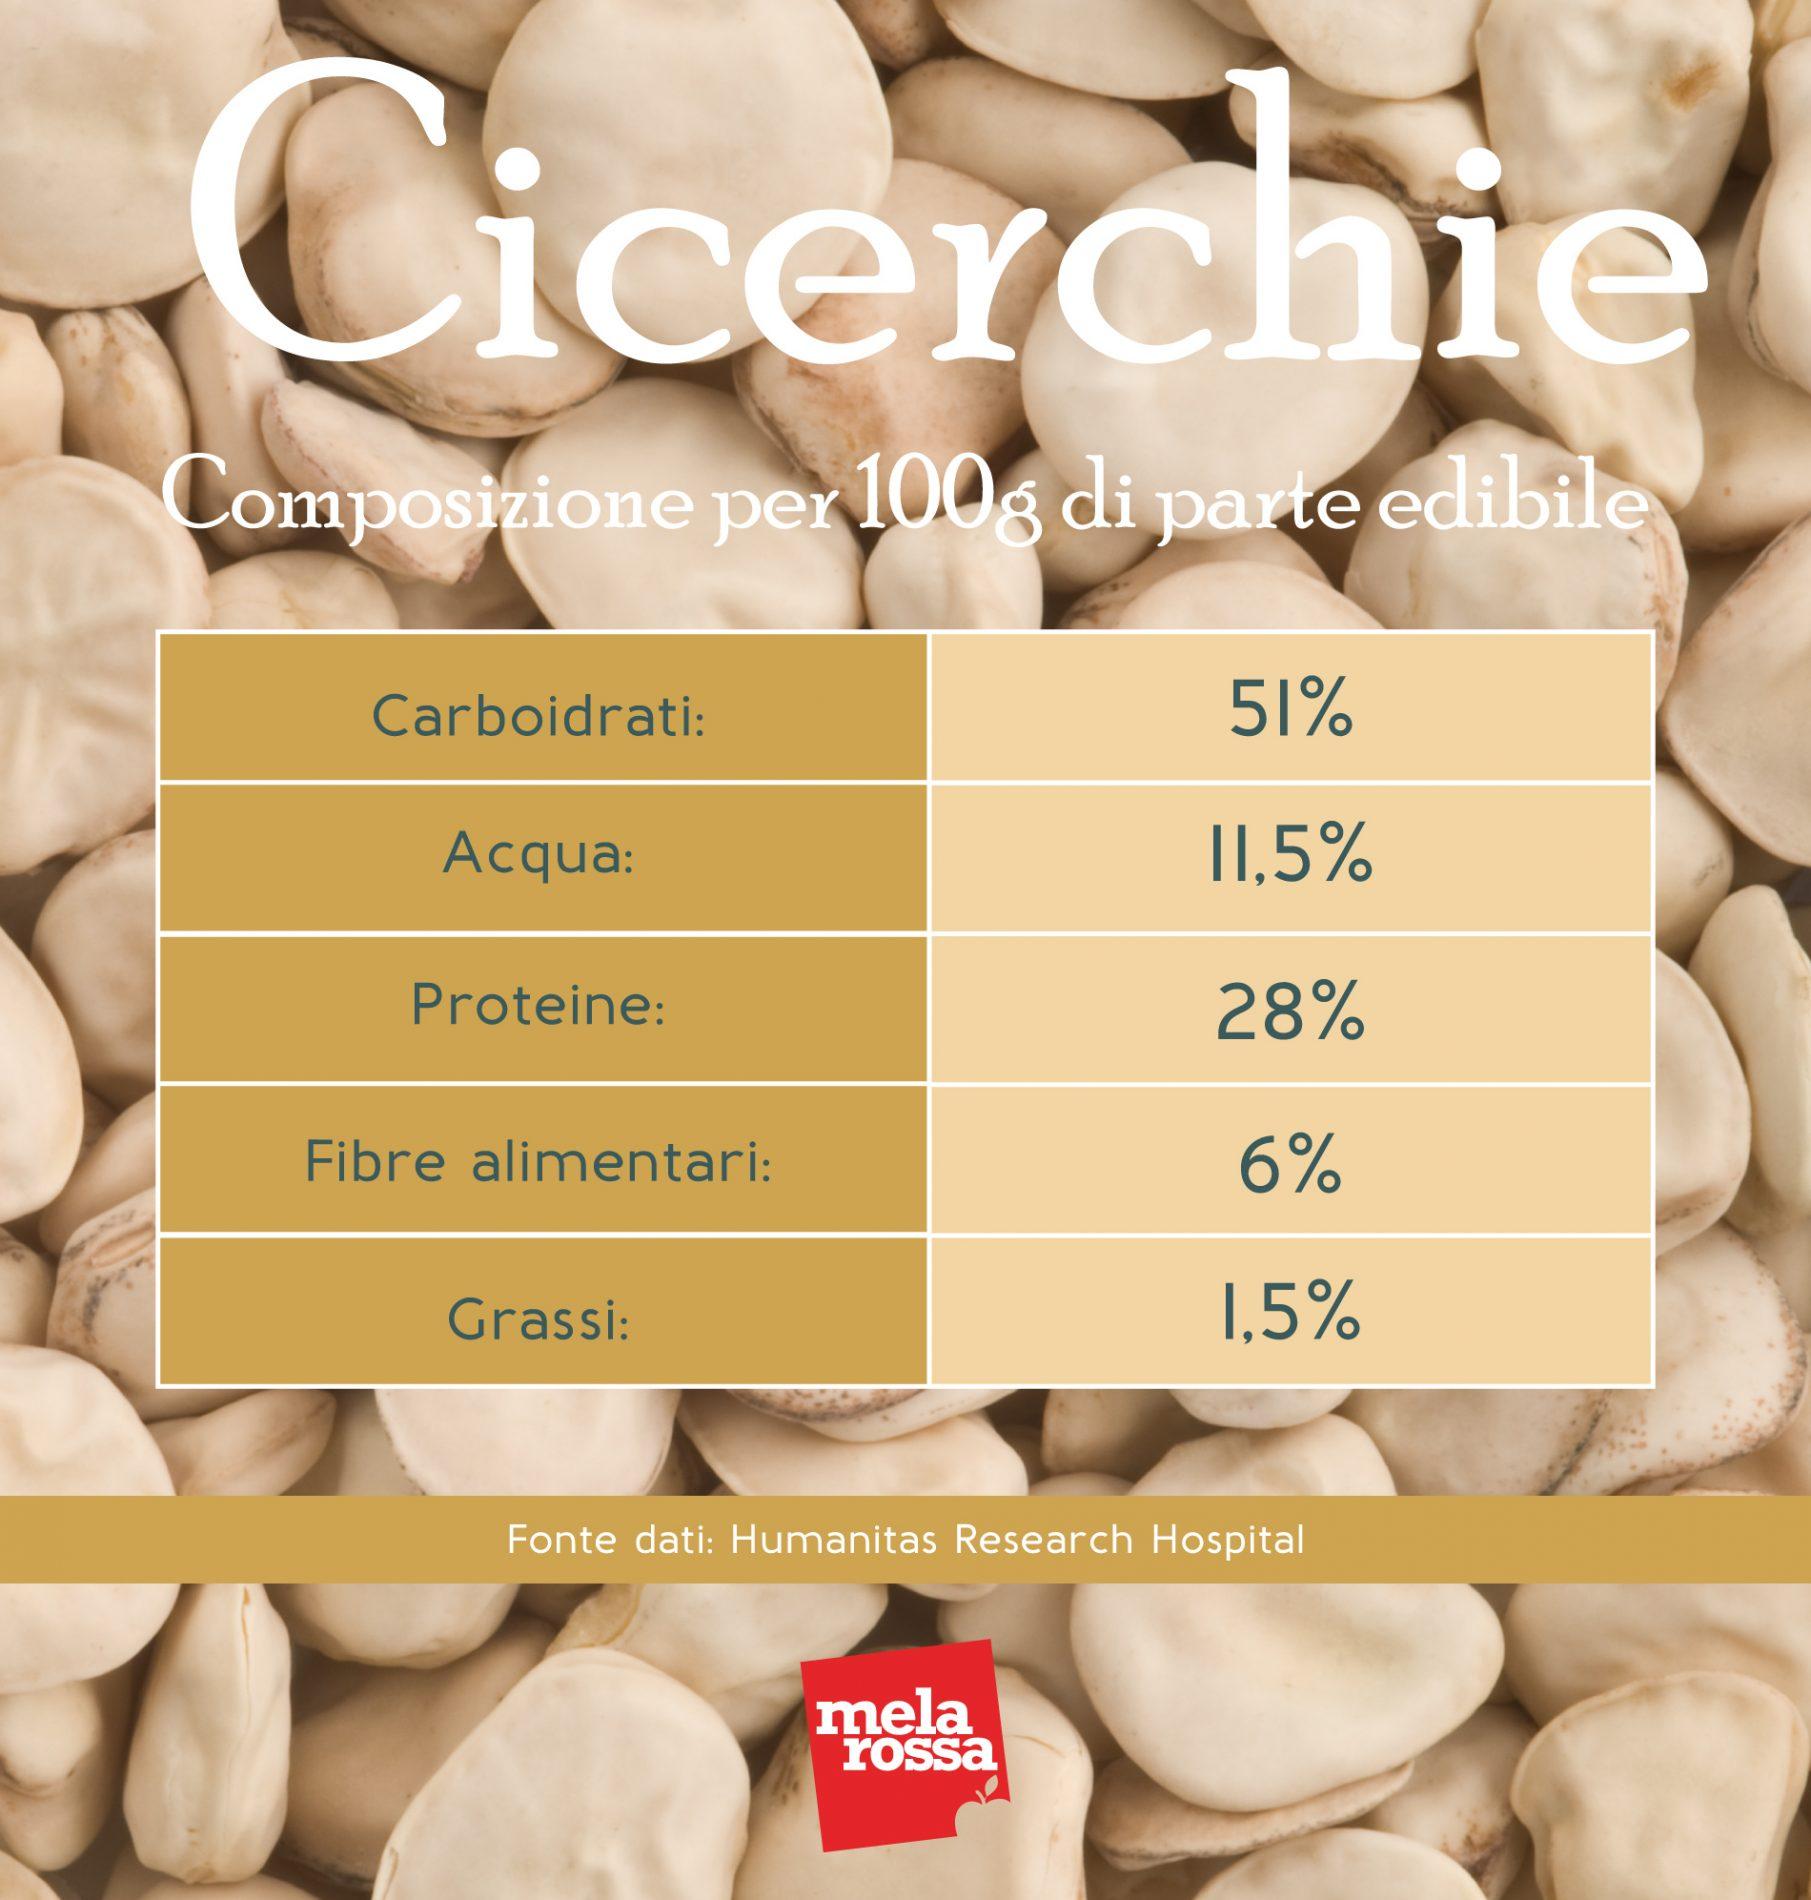 cicerchia: tabella nutrizionale